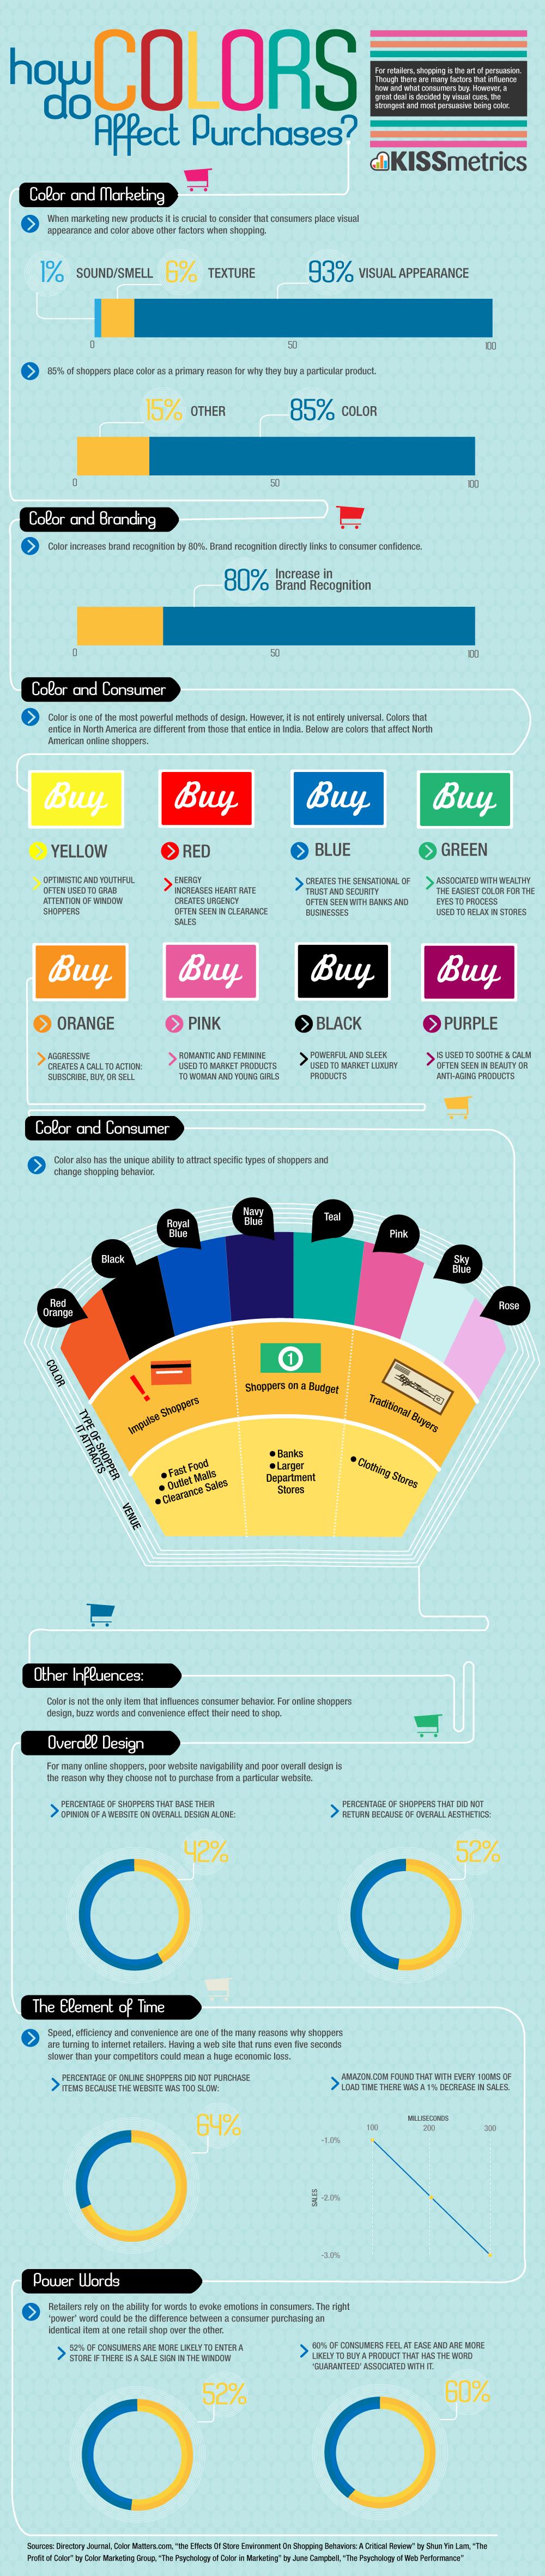 L'influenza dei colori nelle nostre decisioni di acquisto